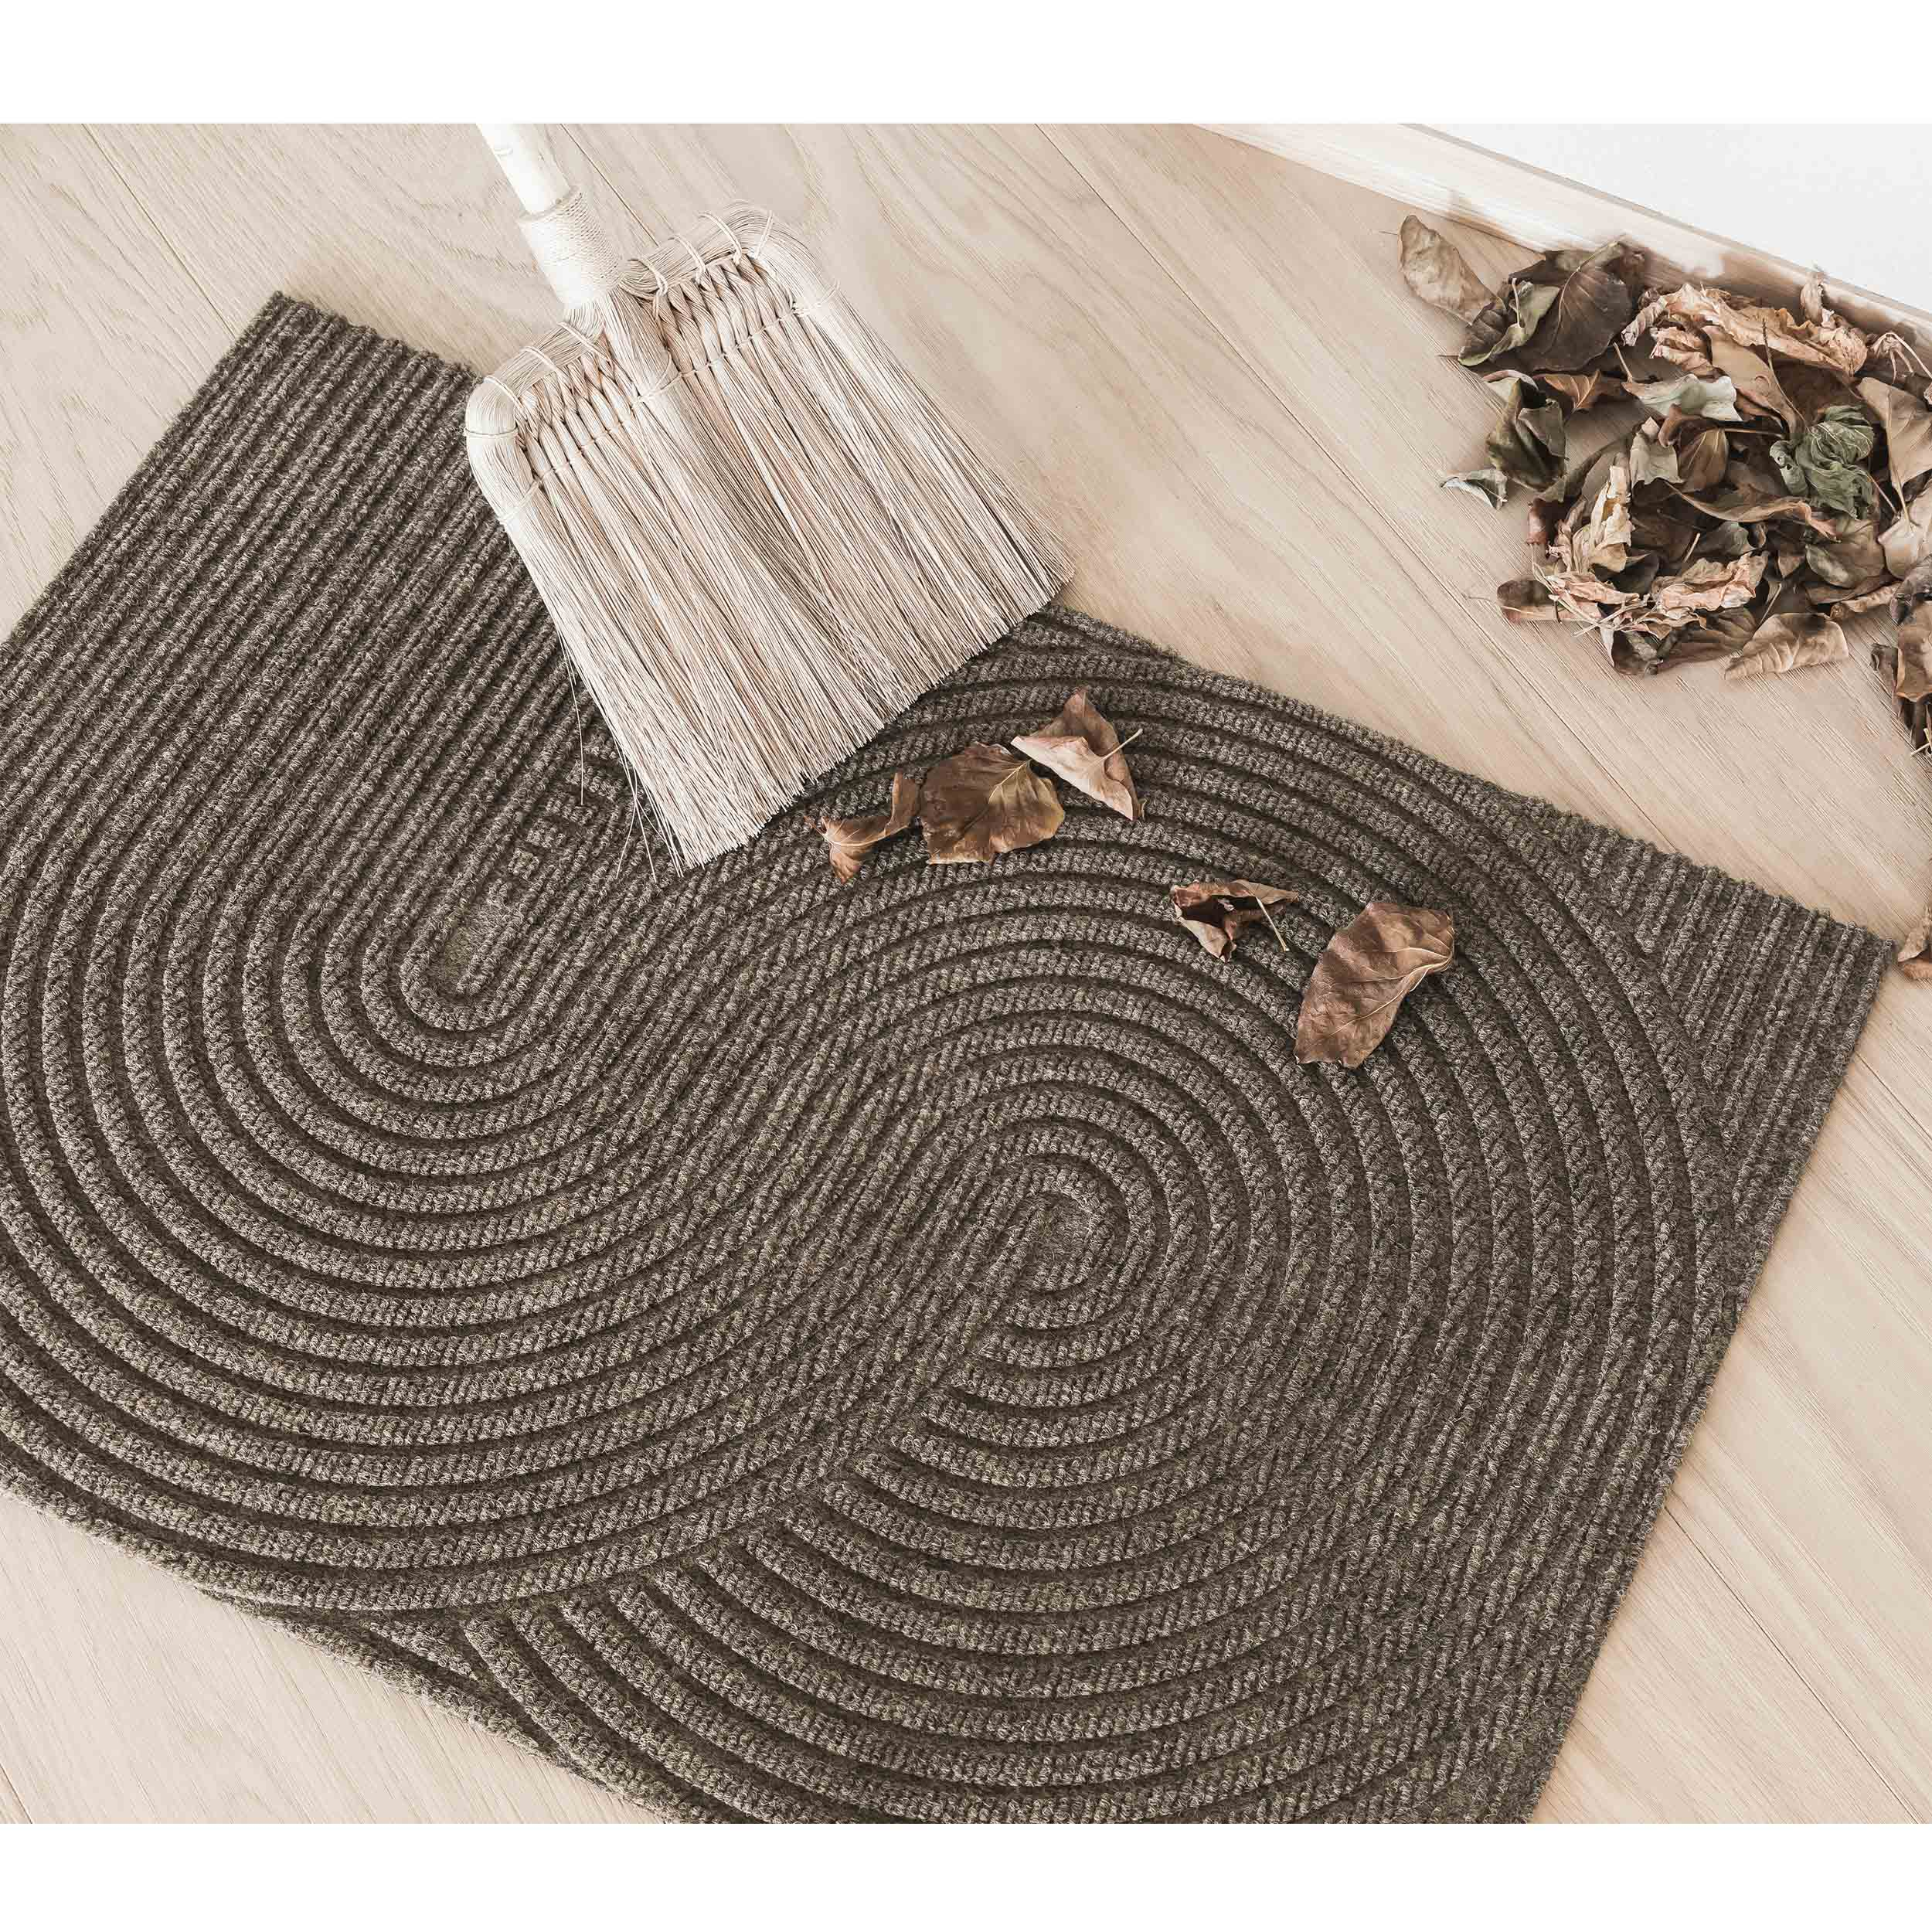 Sand Fußmatte und Teppich